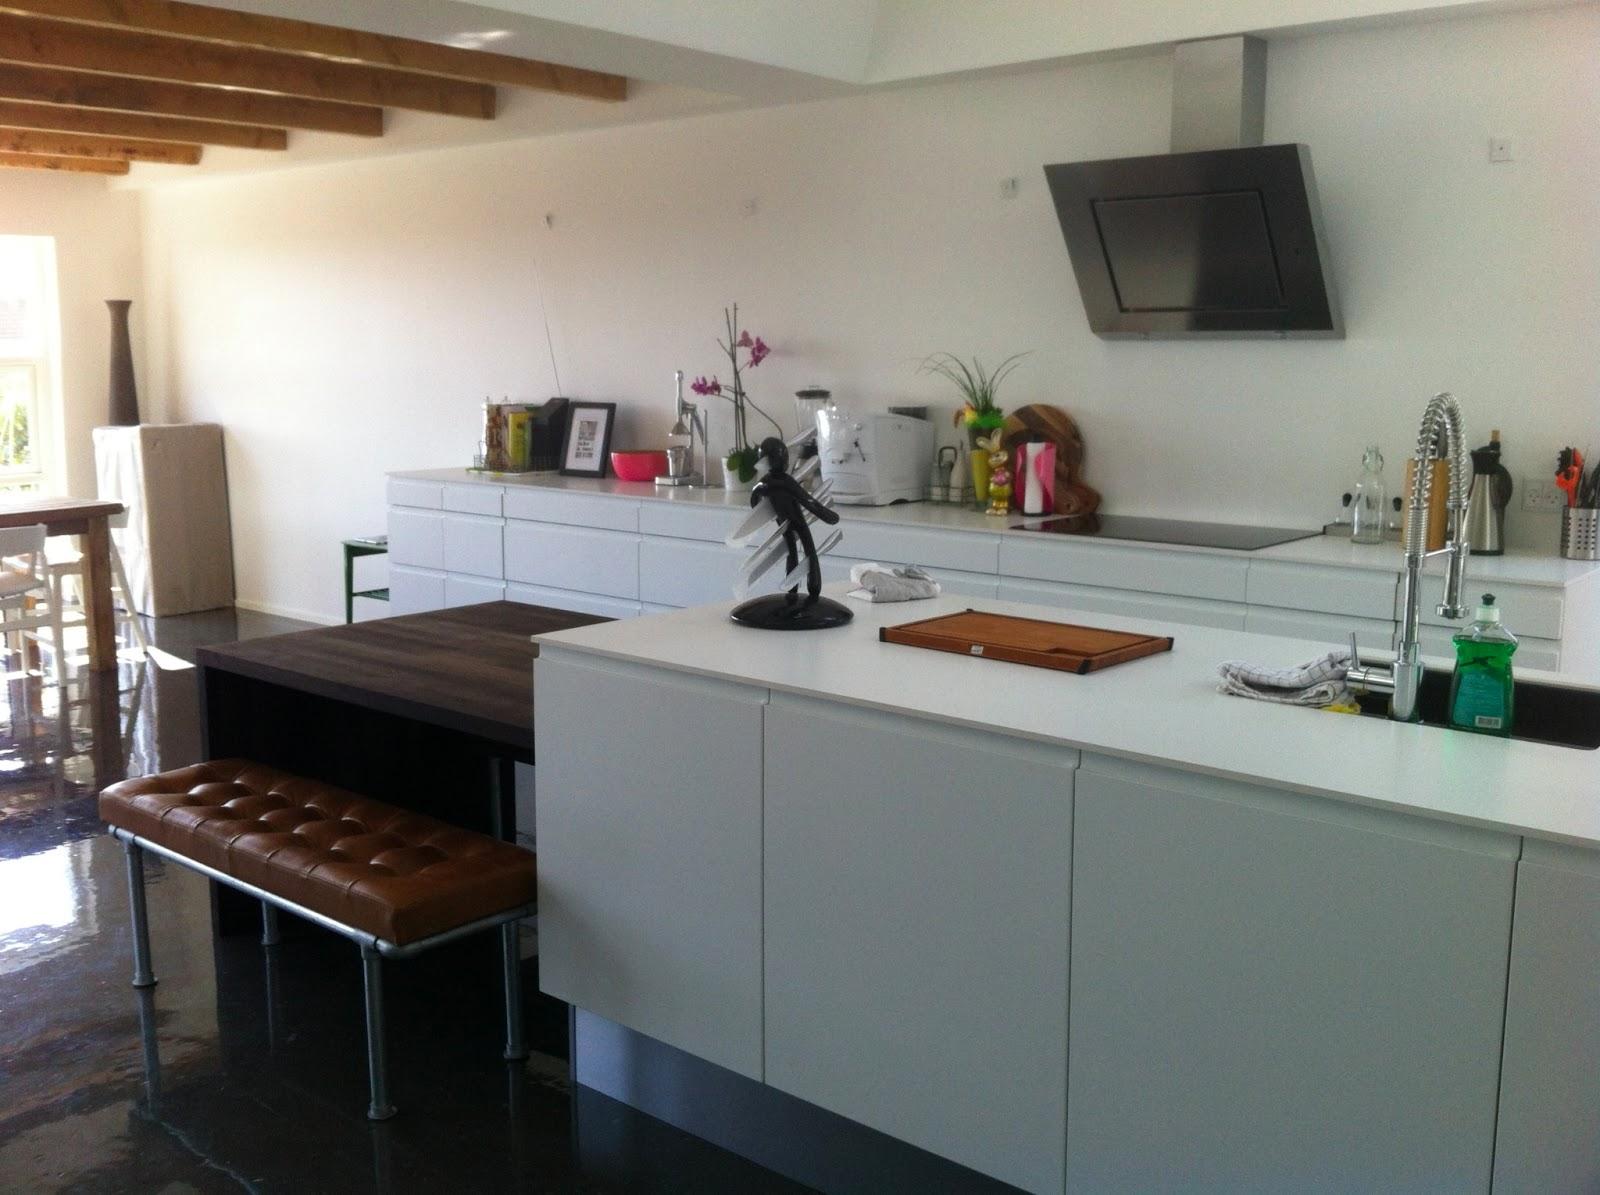 Visitamos una casa danesa con la cocina integrada en la for Cocina integrada